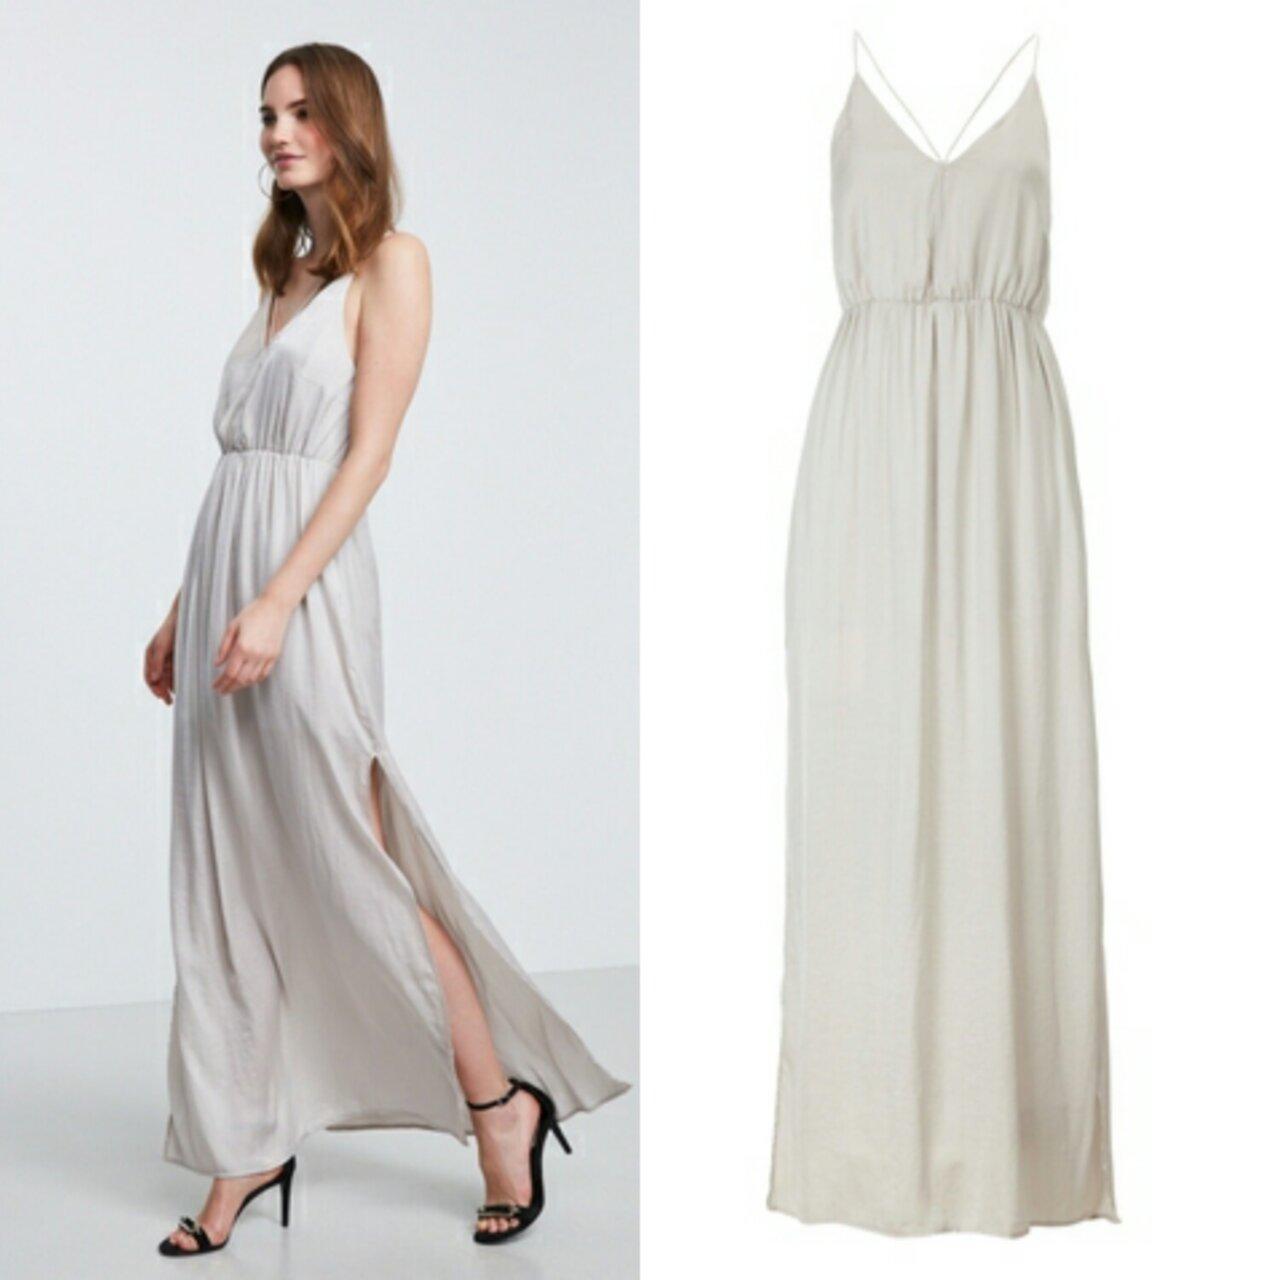 a6f399c53559 Passar mig helt perfekt då jag vill ha ny klänning till våren och sommaren!  Jag har suttit och kollat lite på nätet och har hittat en klänning och  smycken ...